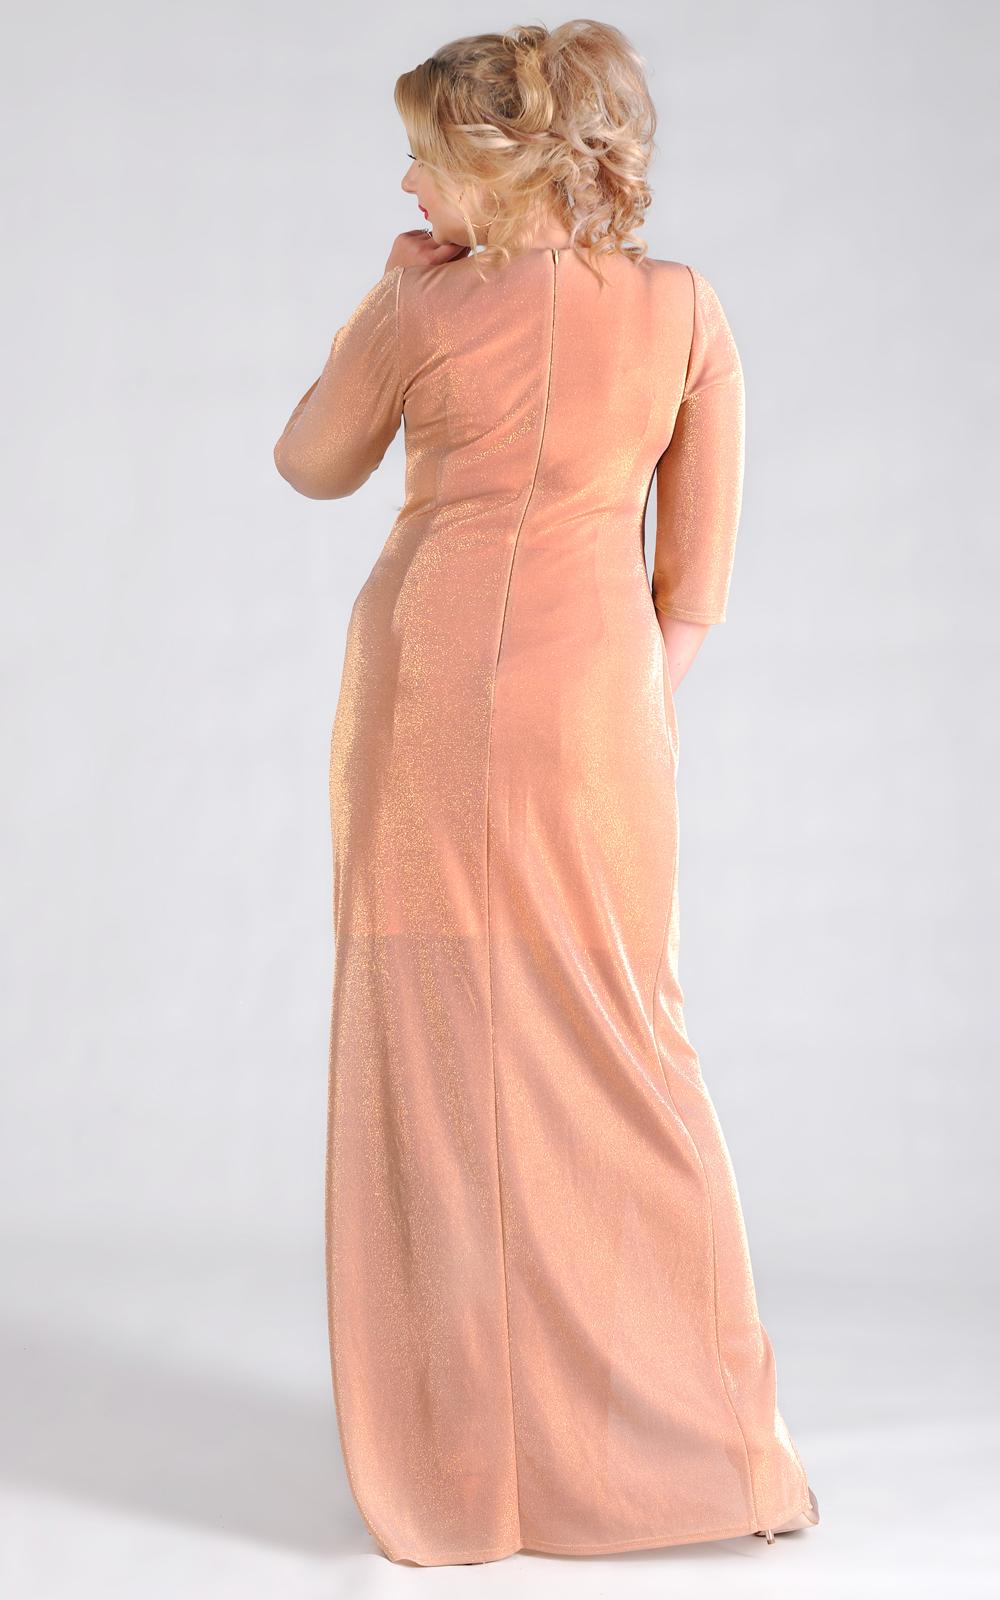 Платье Milomoor 42-27 (52-56)-Латте-54, 42-27 (52-56)-Латте-54 2